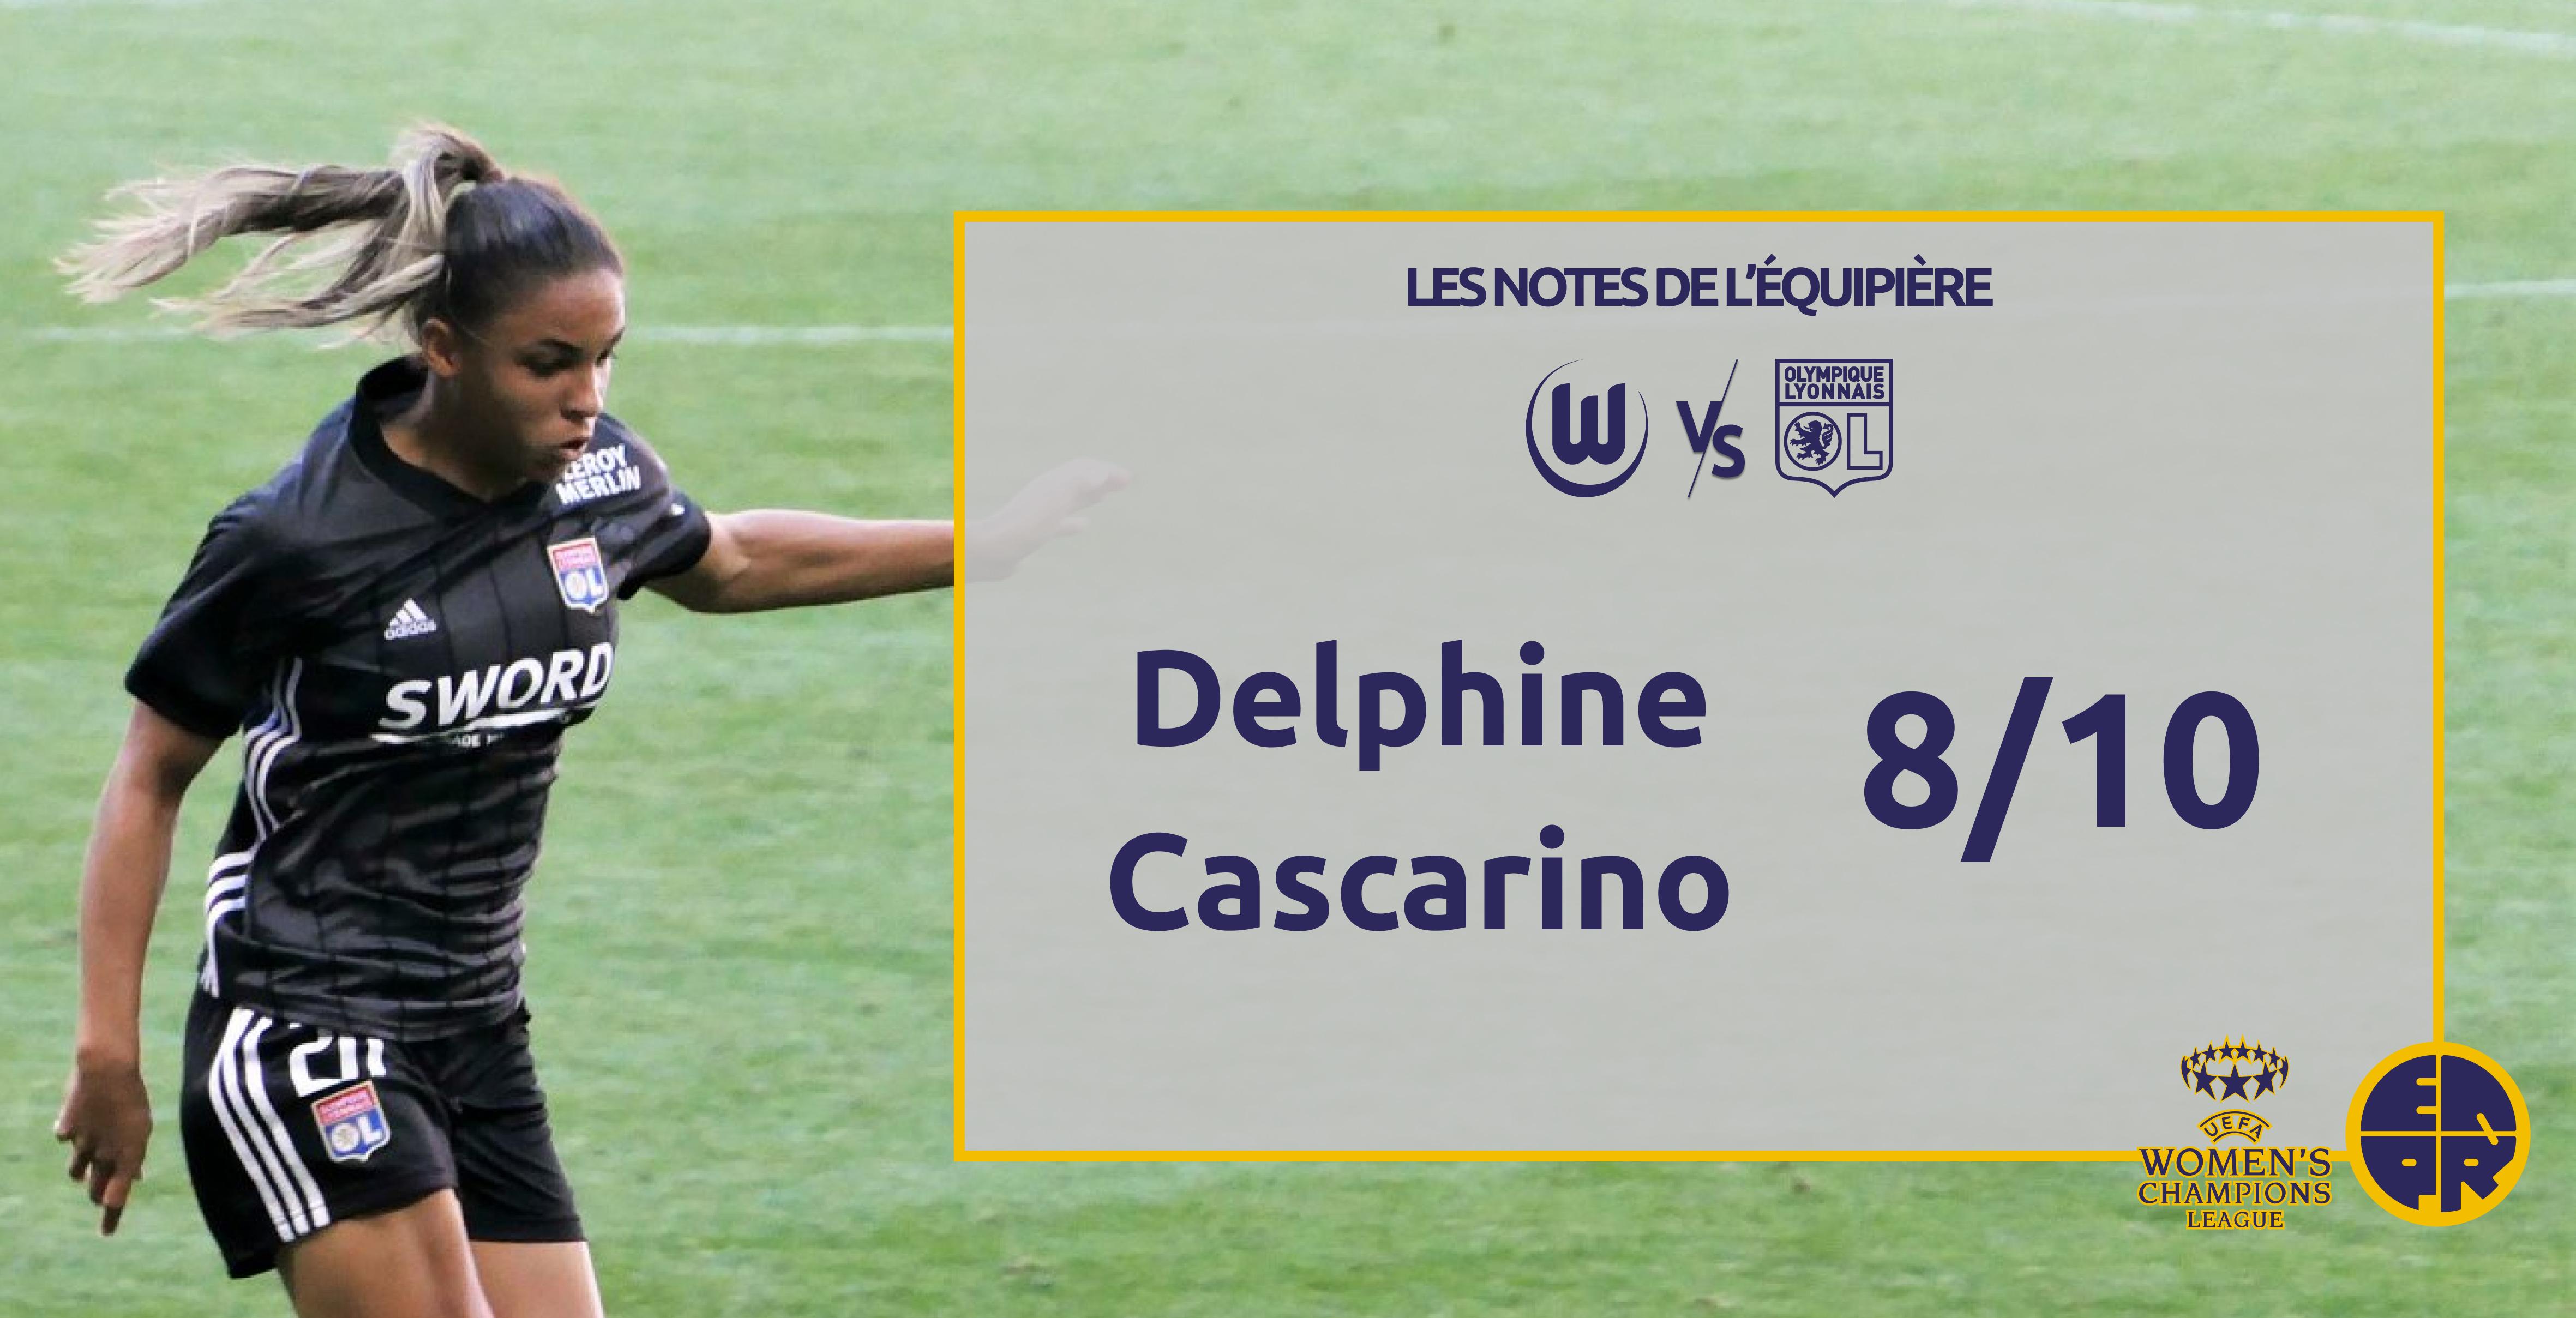 Cascarin